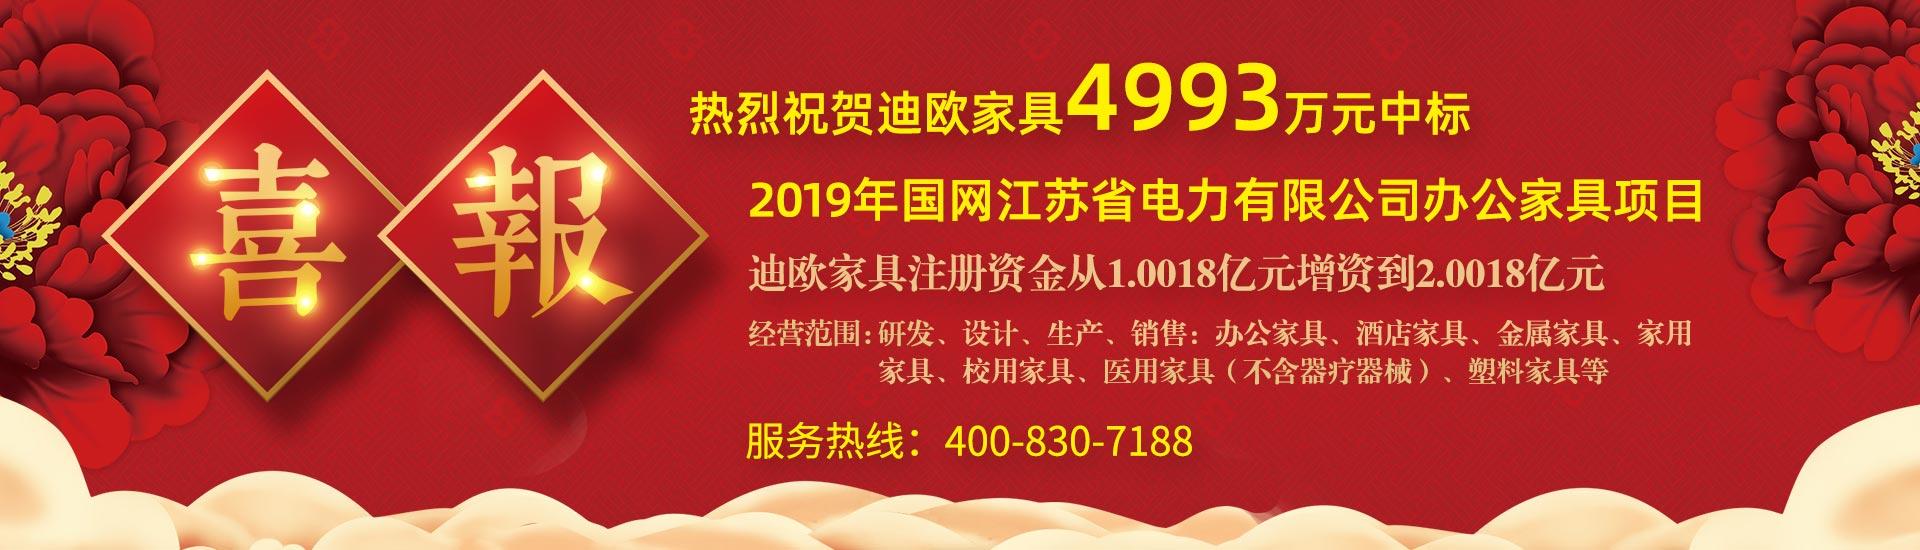 2019年国网江苏省电力有限公司4993万元大标